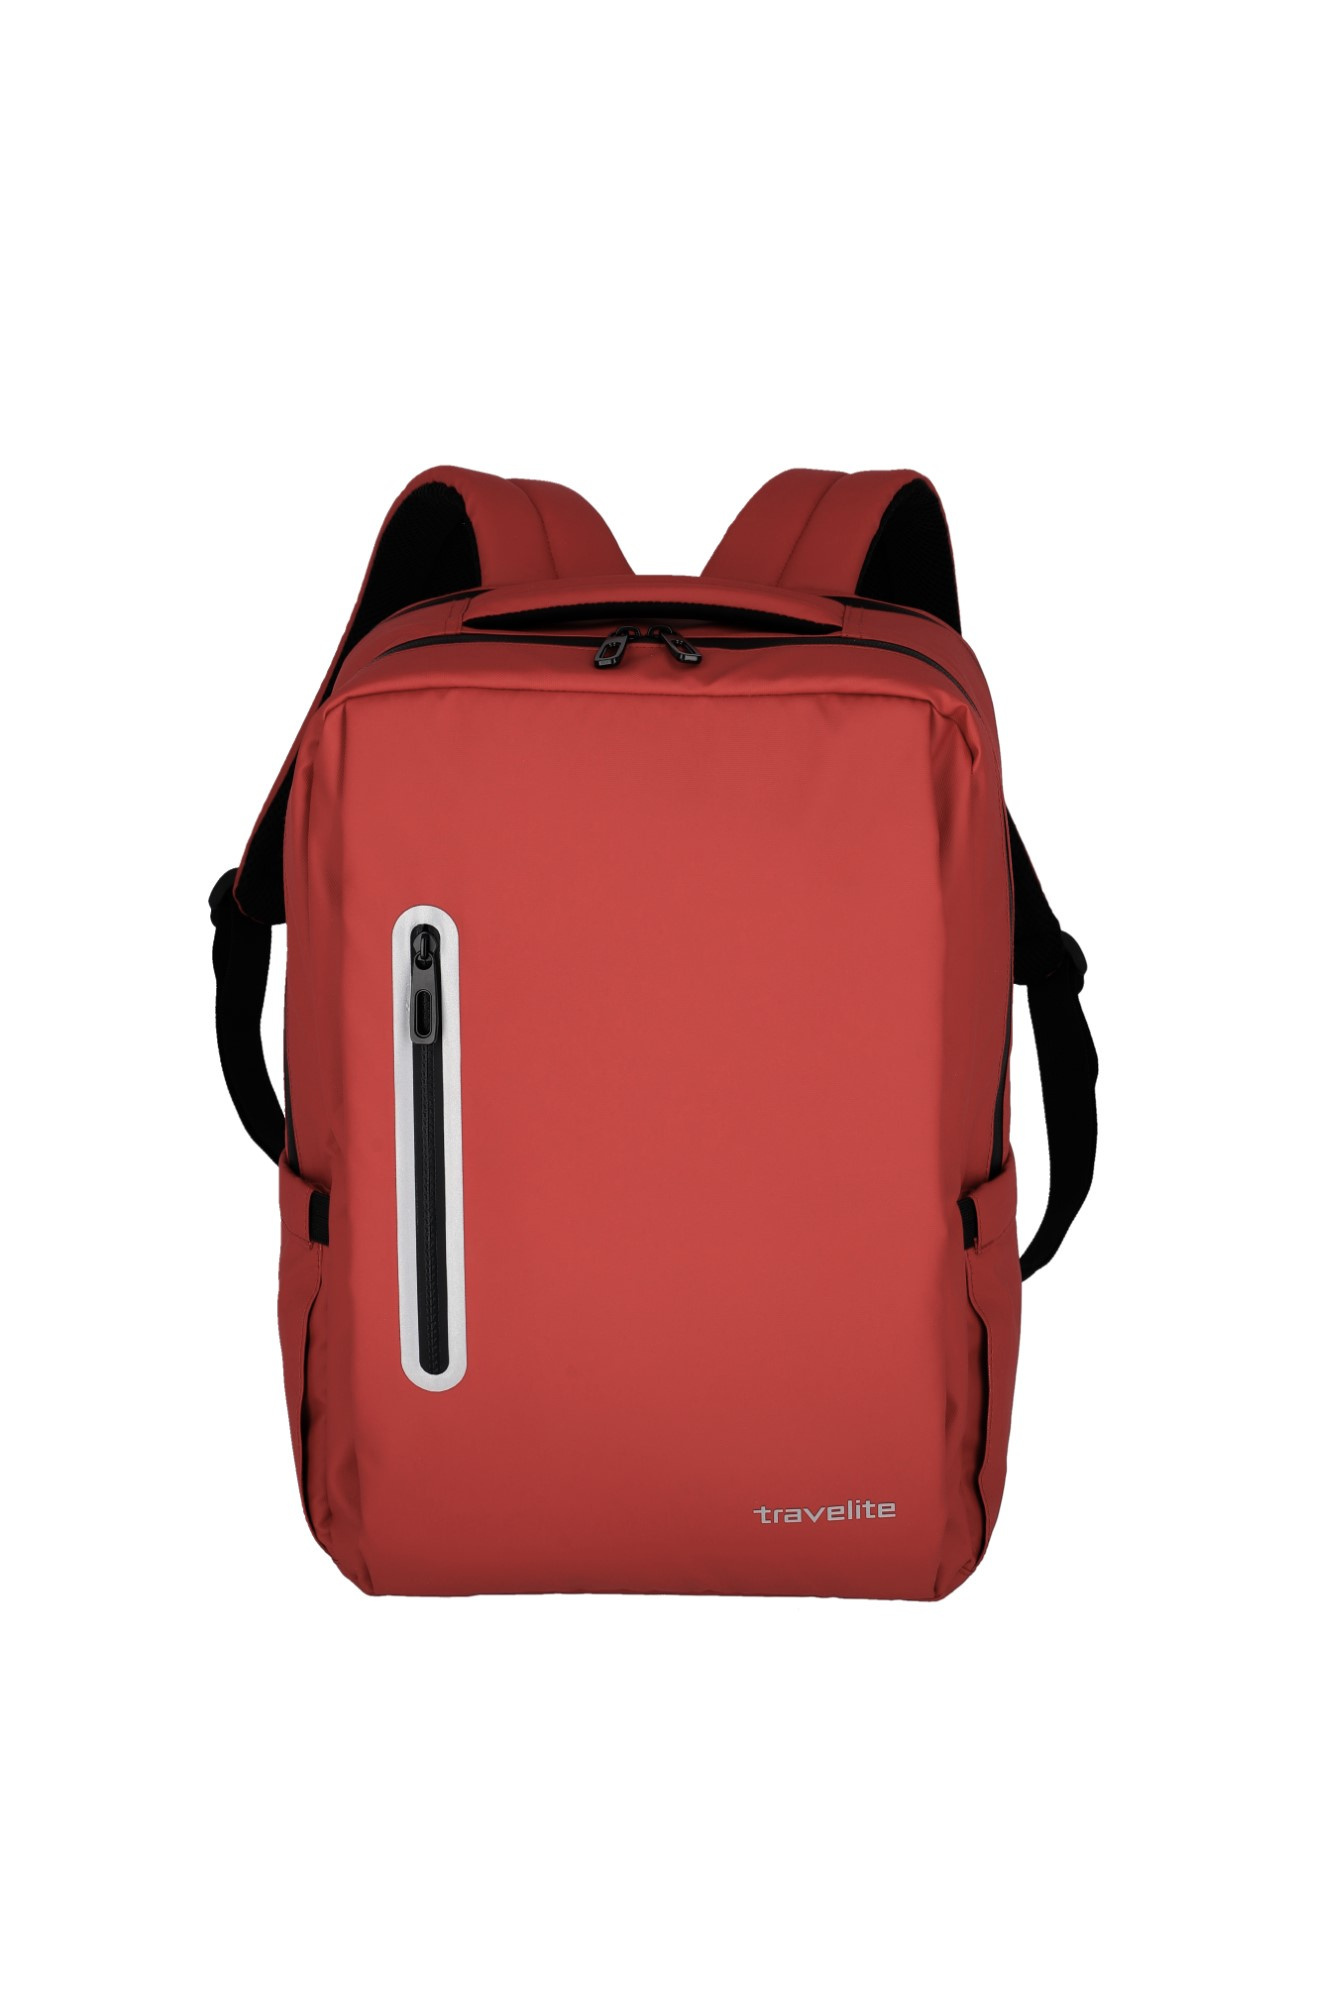 Travelite Basics Boxy Rugtas 96341 Rood